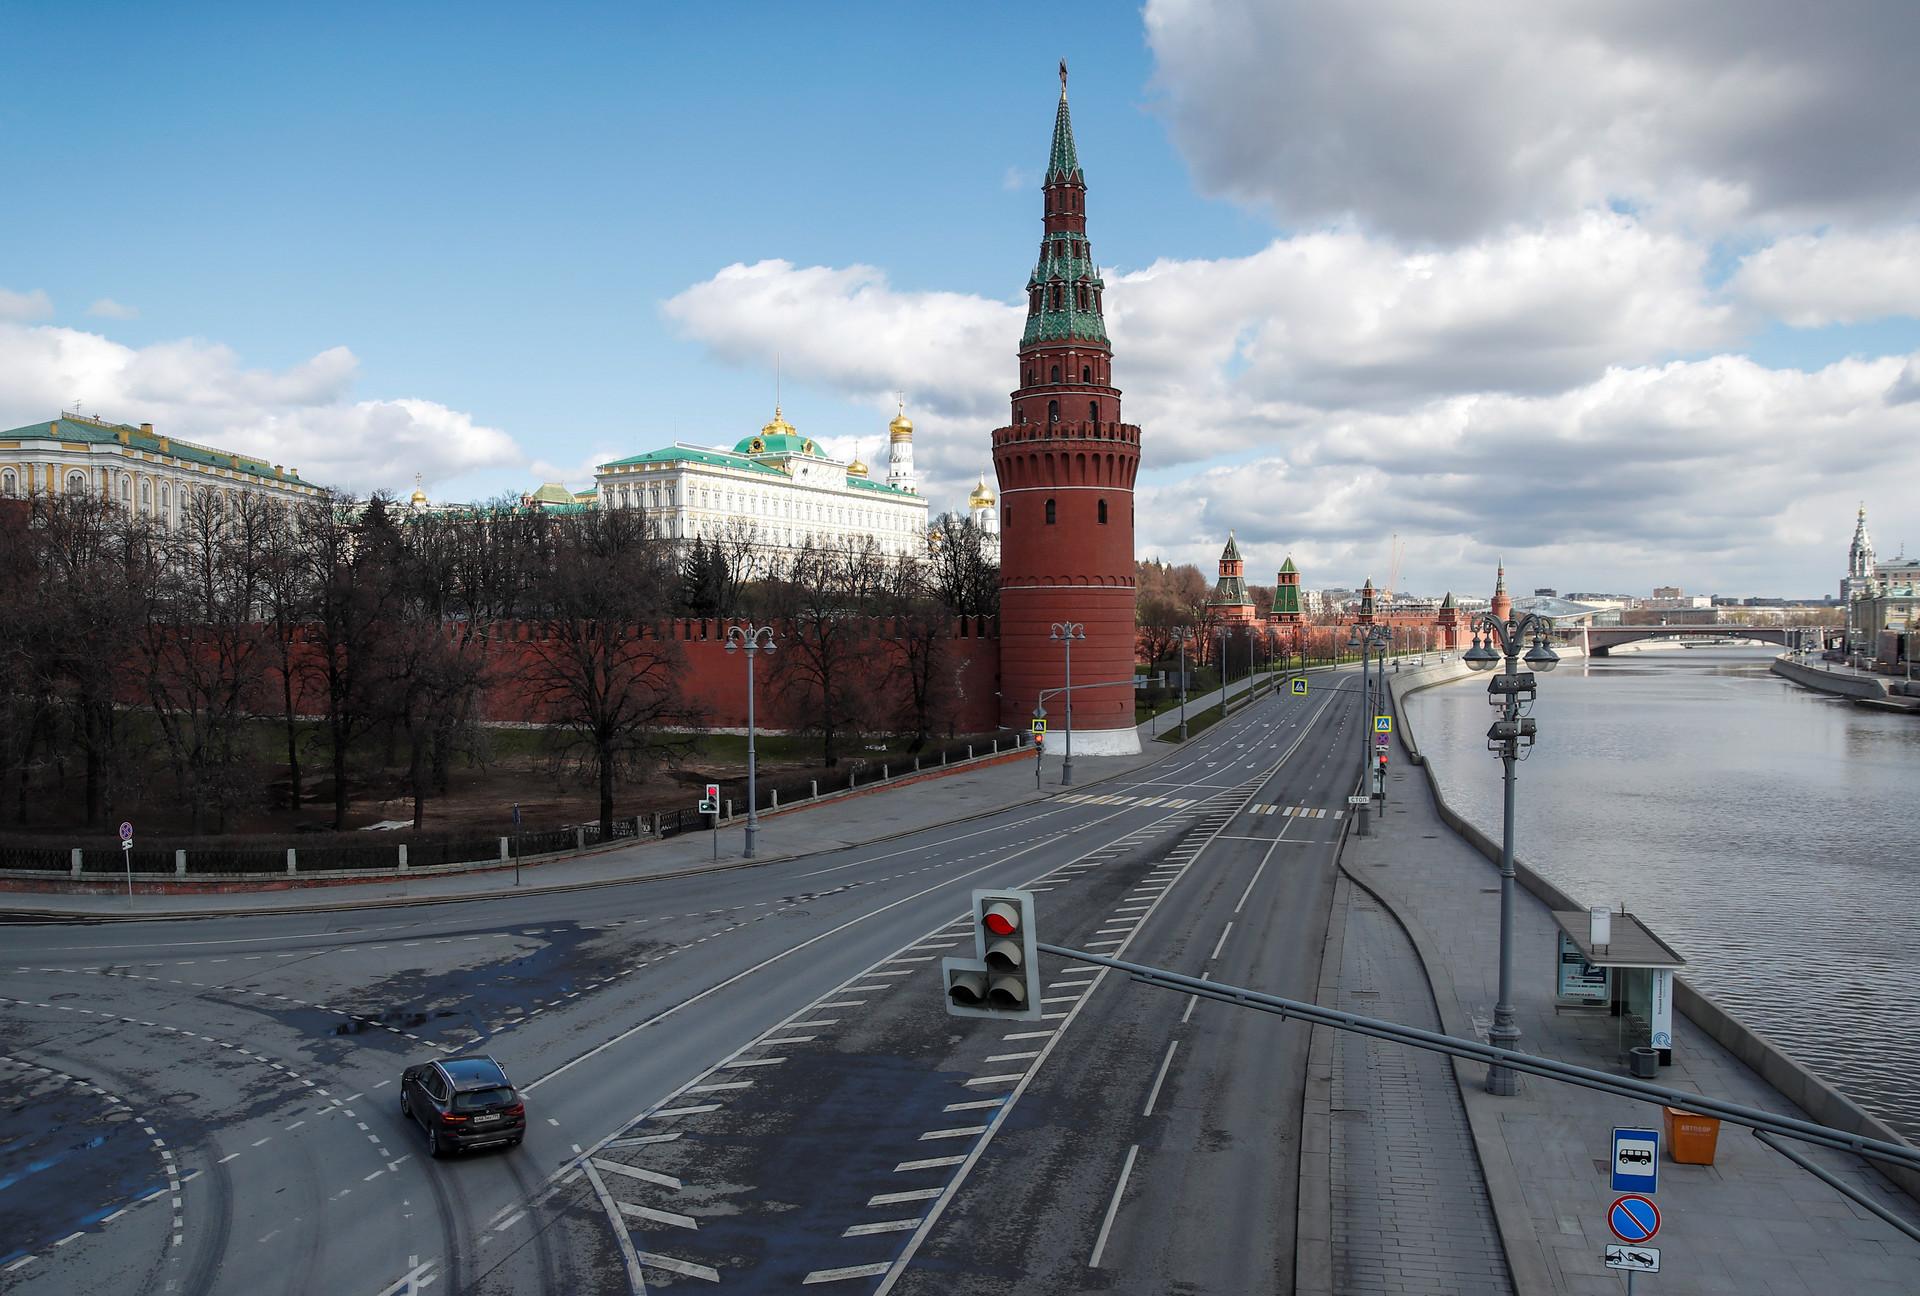 Le esportazioni dalla Russia verso l'Italia sono calate del 18,14%, ma le importazioni italiane sono aumentate del 6,31%. Il saldo positivo si è quindi rivelato in rosso per la parte russa, in calo di oltre il 47%